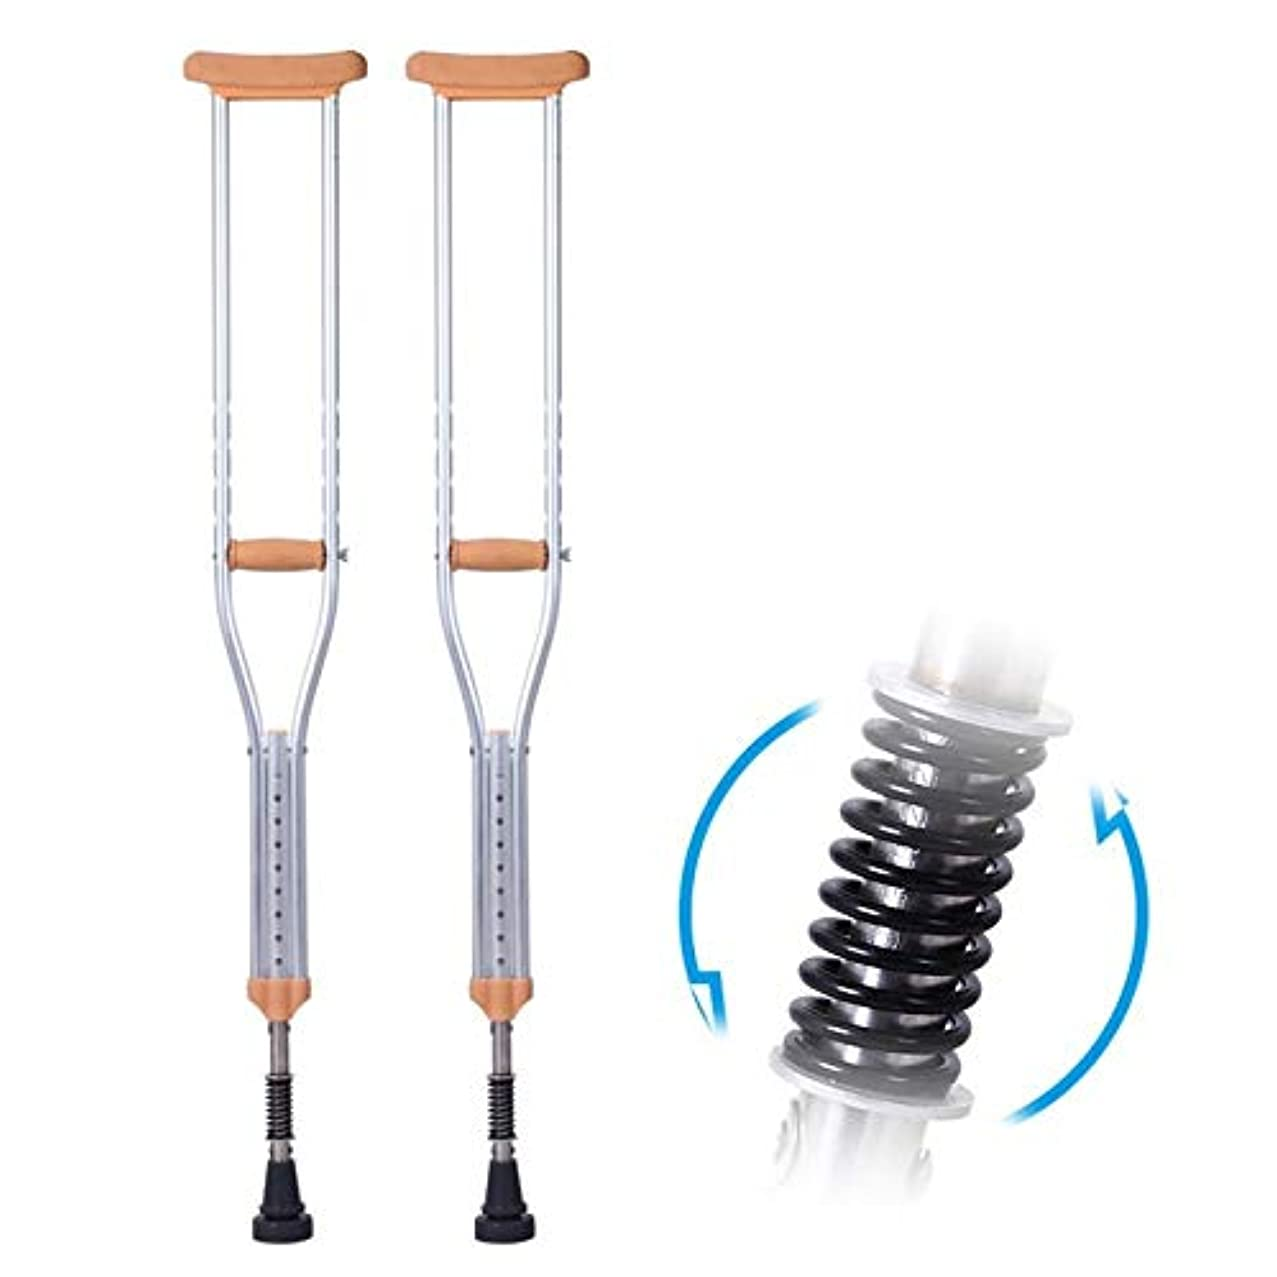 キャベツ司教隣接する女性男性高齢者トレイルハイキング家庭用松葉杖のための調節可能な杖 (Color : 2pcs, Size : Large)